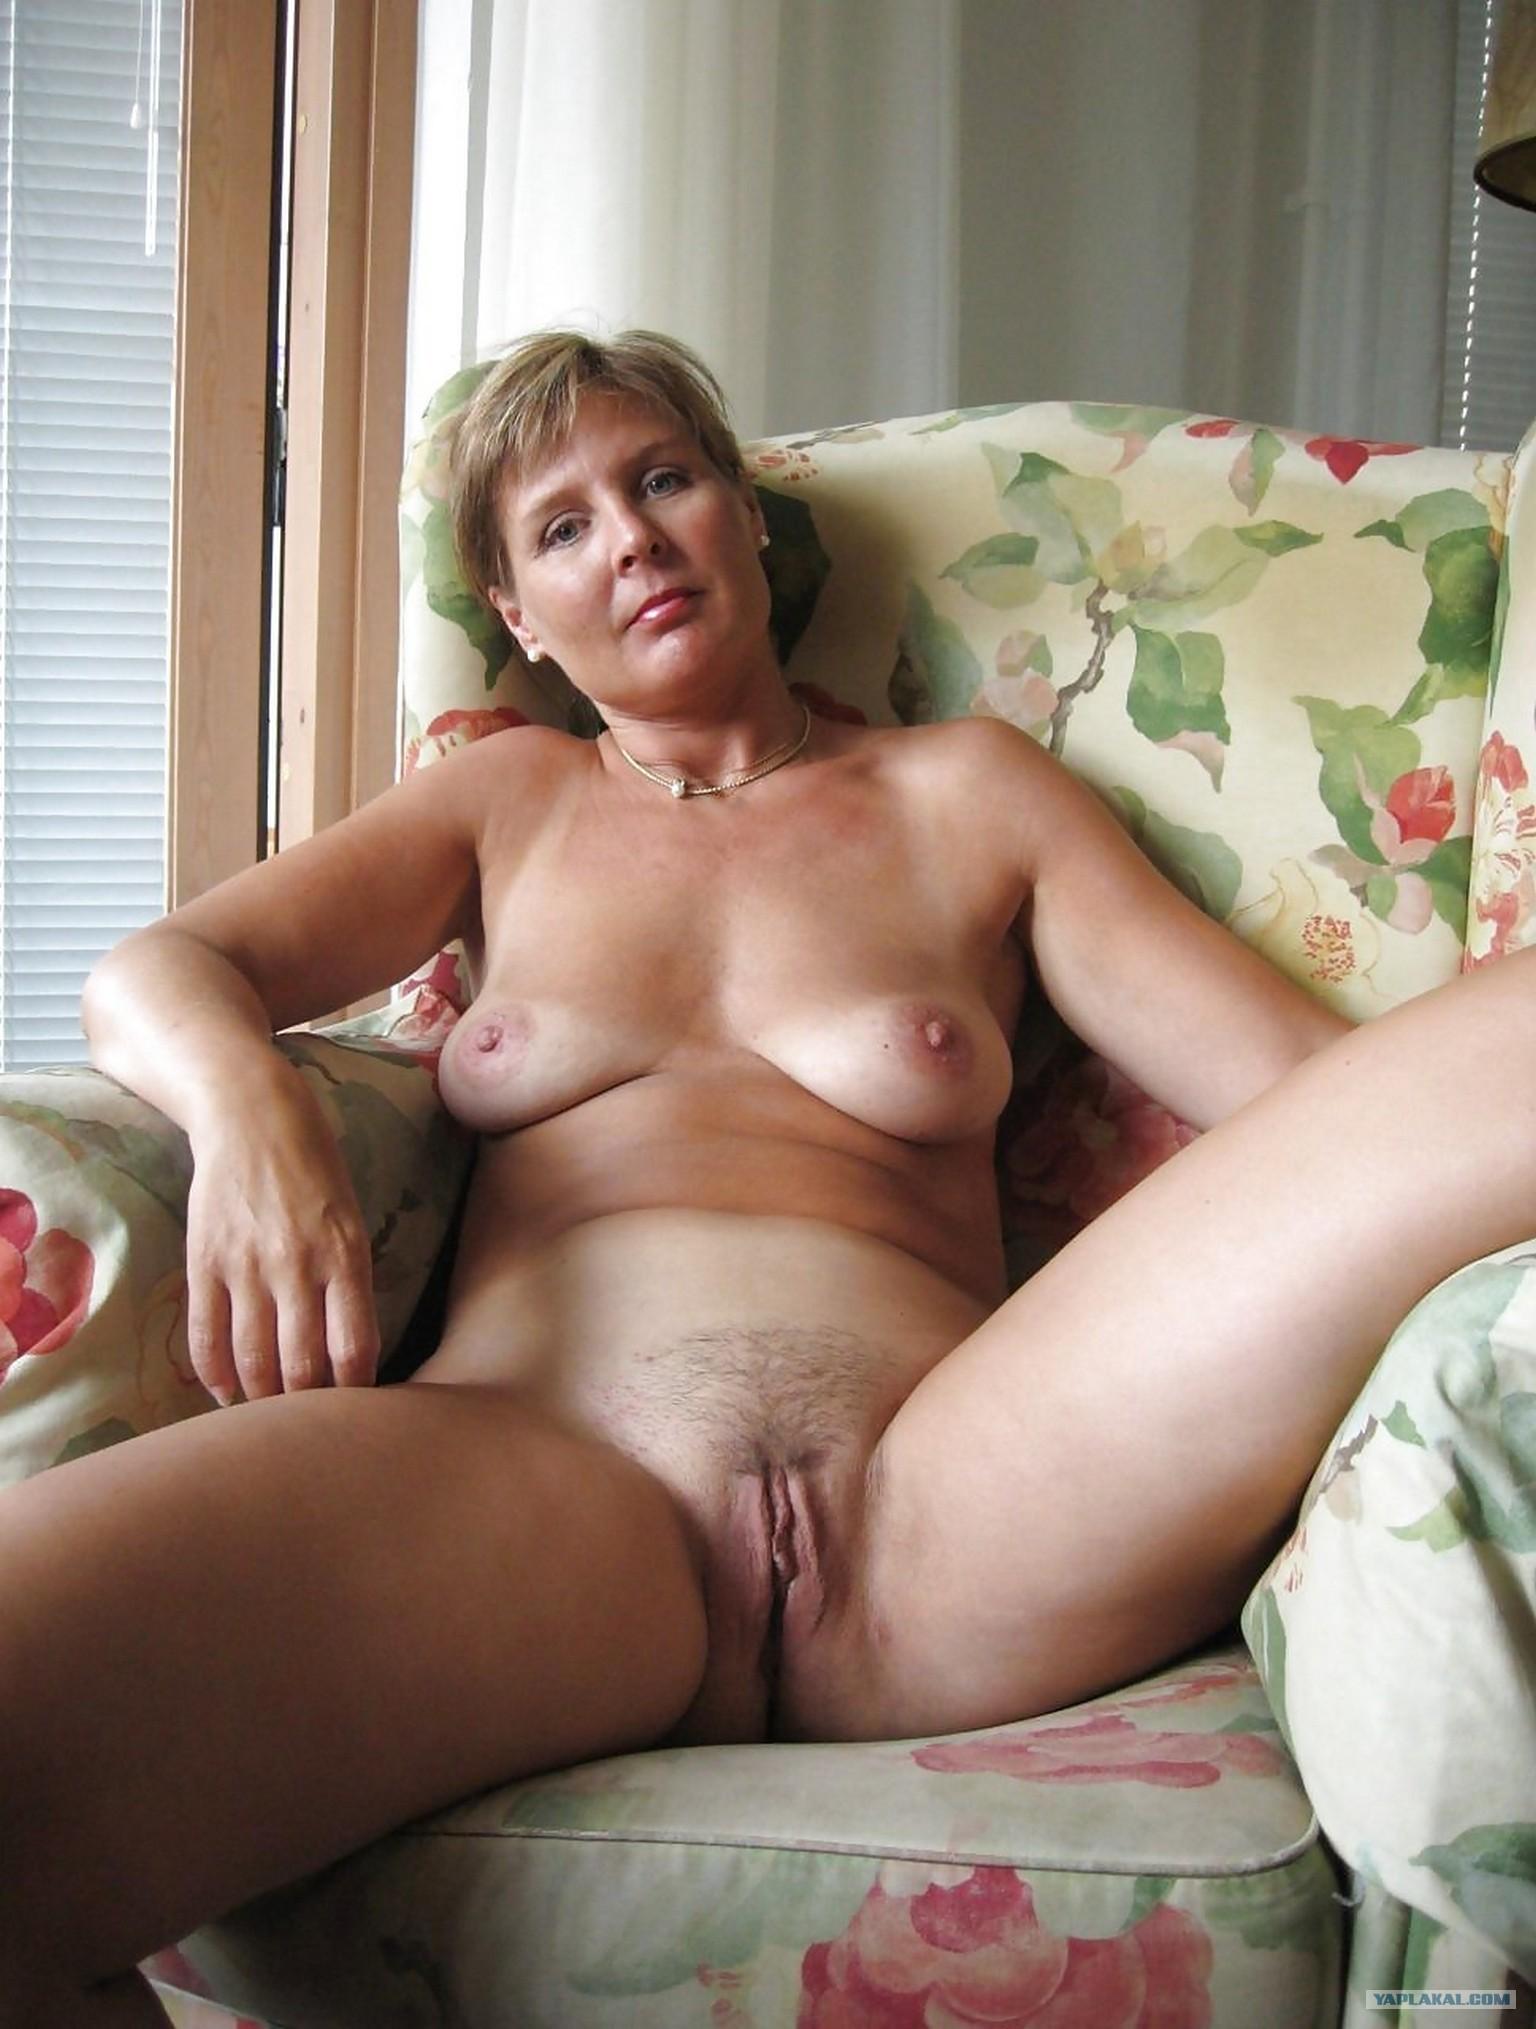 Домашнее порно со взрослыми женщинами онлайн фото 157-640